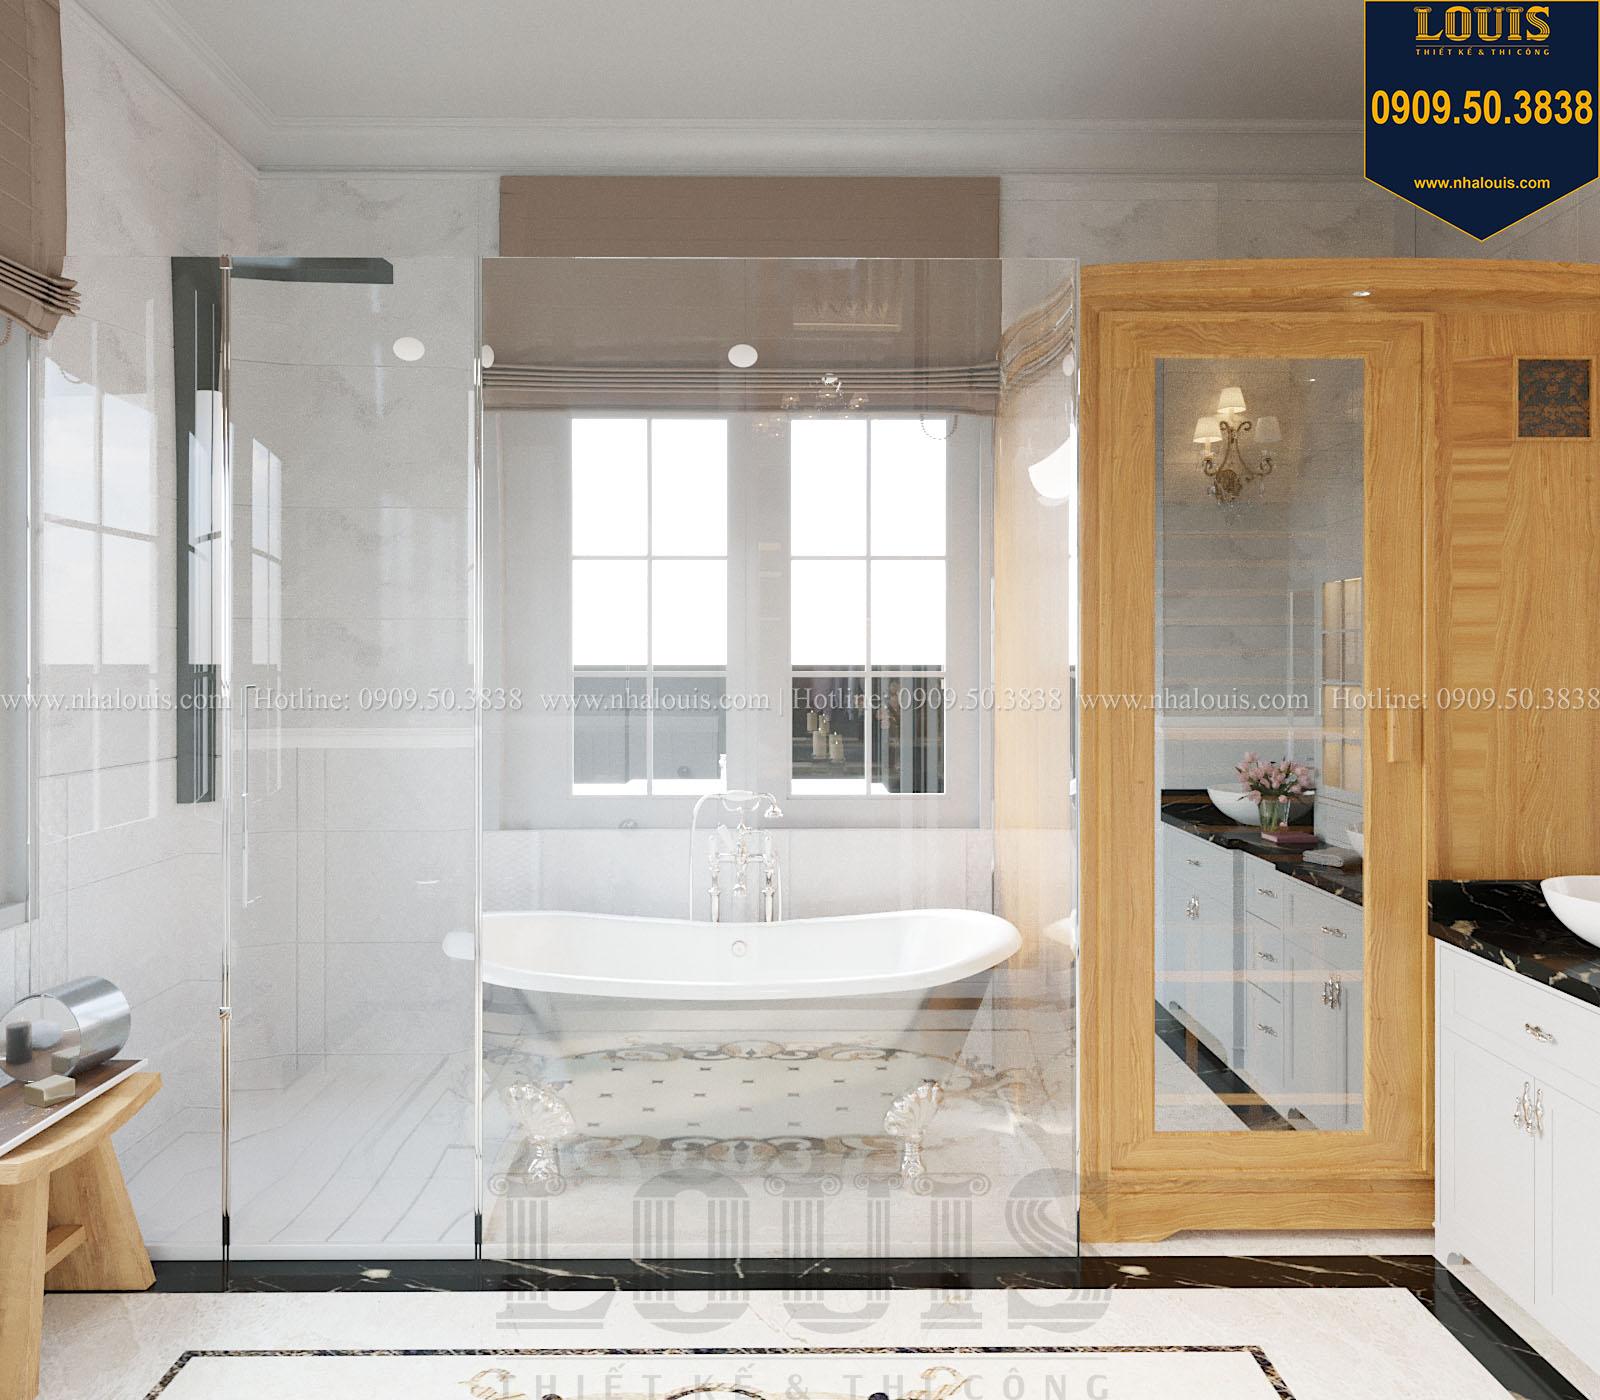 15 mẫu thiết kế phòng tắm đẹp